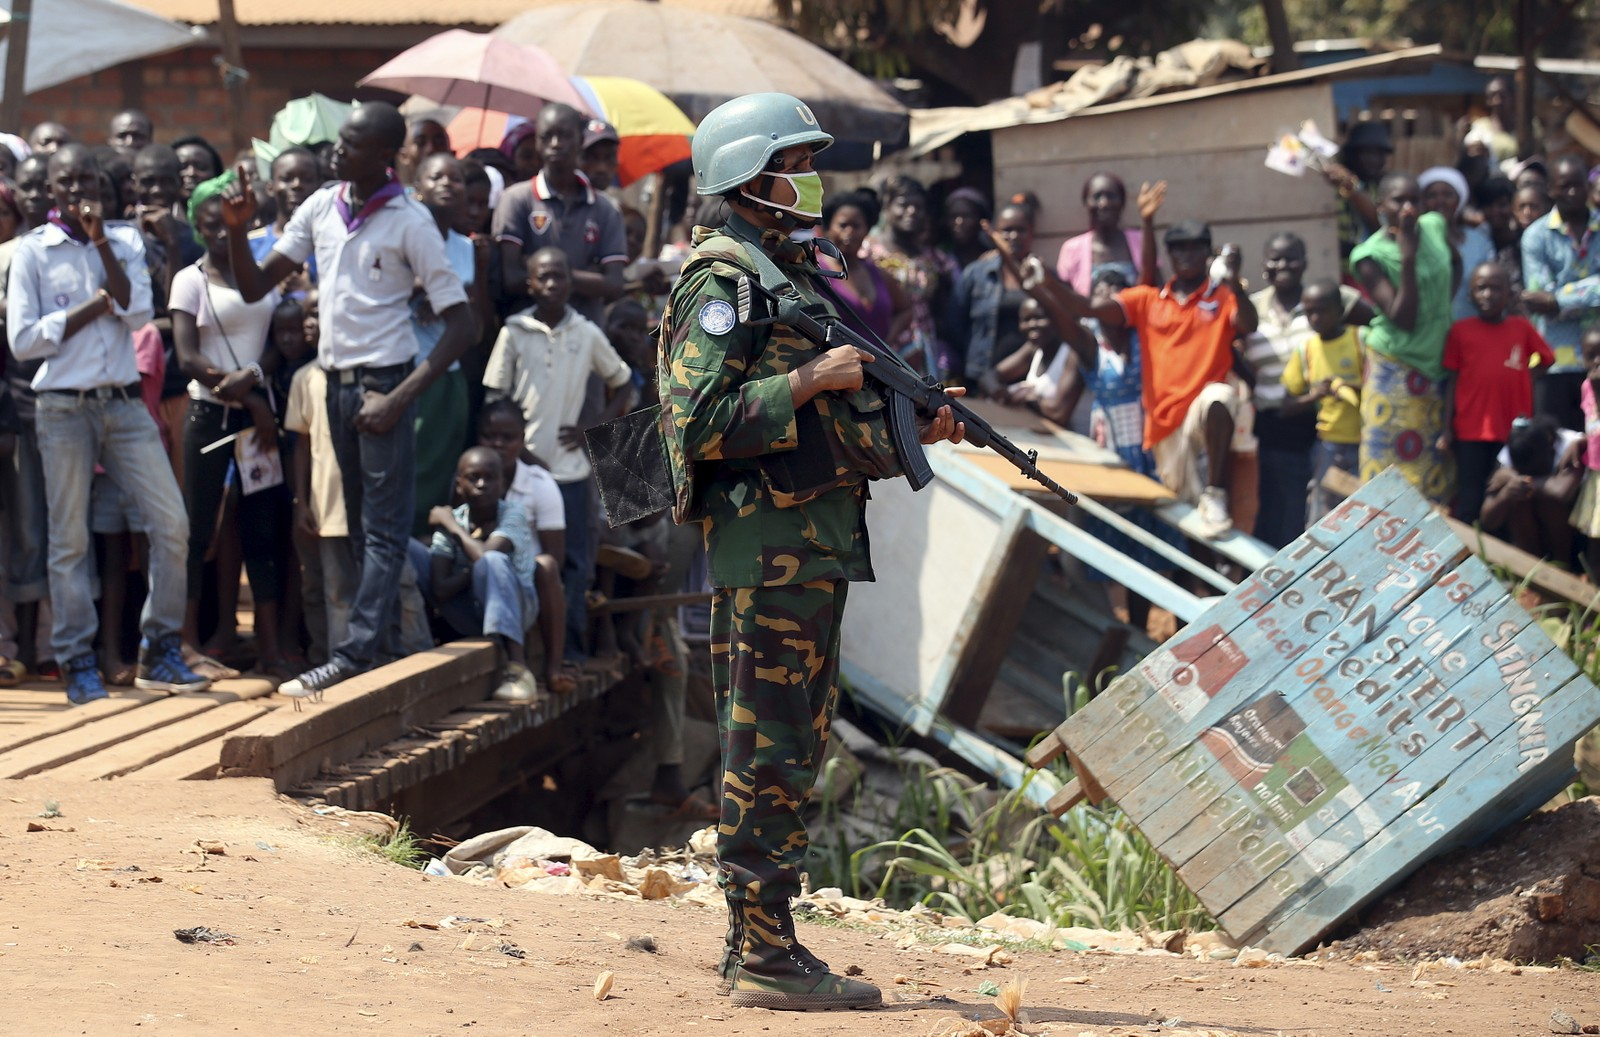 En fredsstyrke på 12 000 soldater er utplassert under FN kommando. 3000 av disse er satt til å vokte paven de 24 timene han er i hovedstaden Bangui.